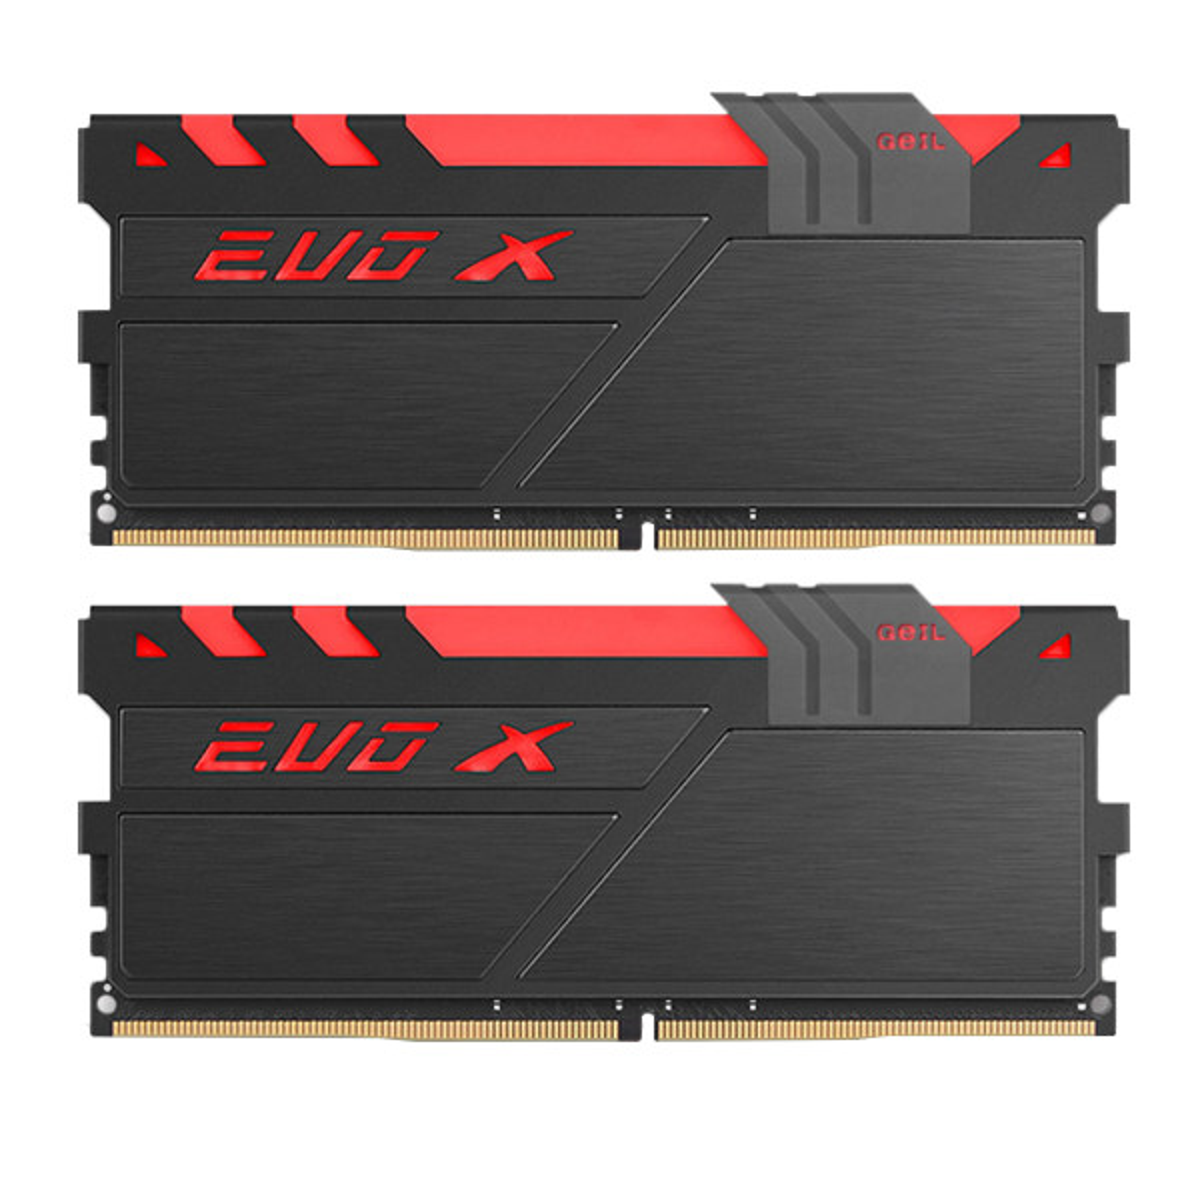 رم دسکتاپ DDR4 دو کاناله 2400 مگاهرتز CL17 گیل مدل Evo X AMD Edition ظرفیت 16 گیگابایت